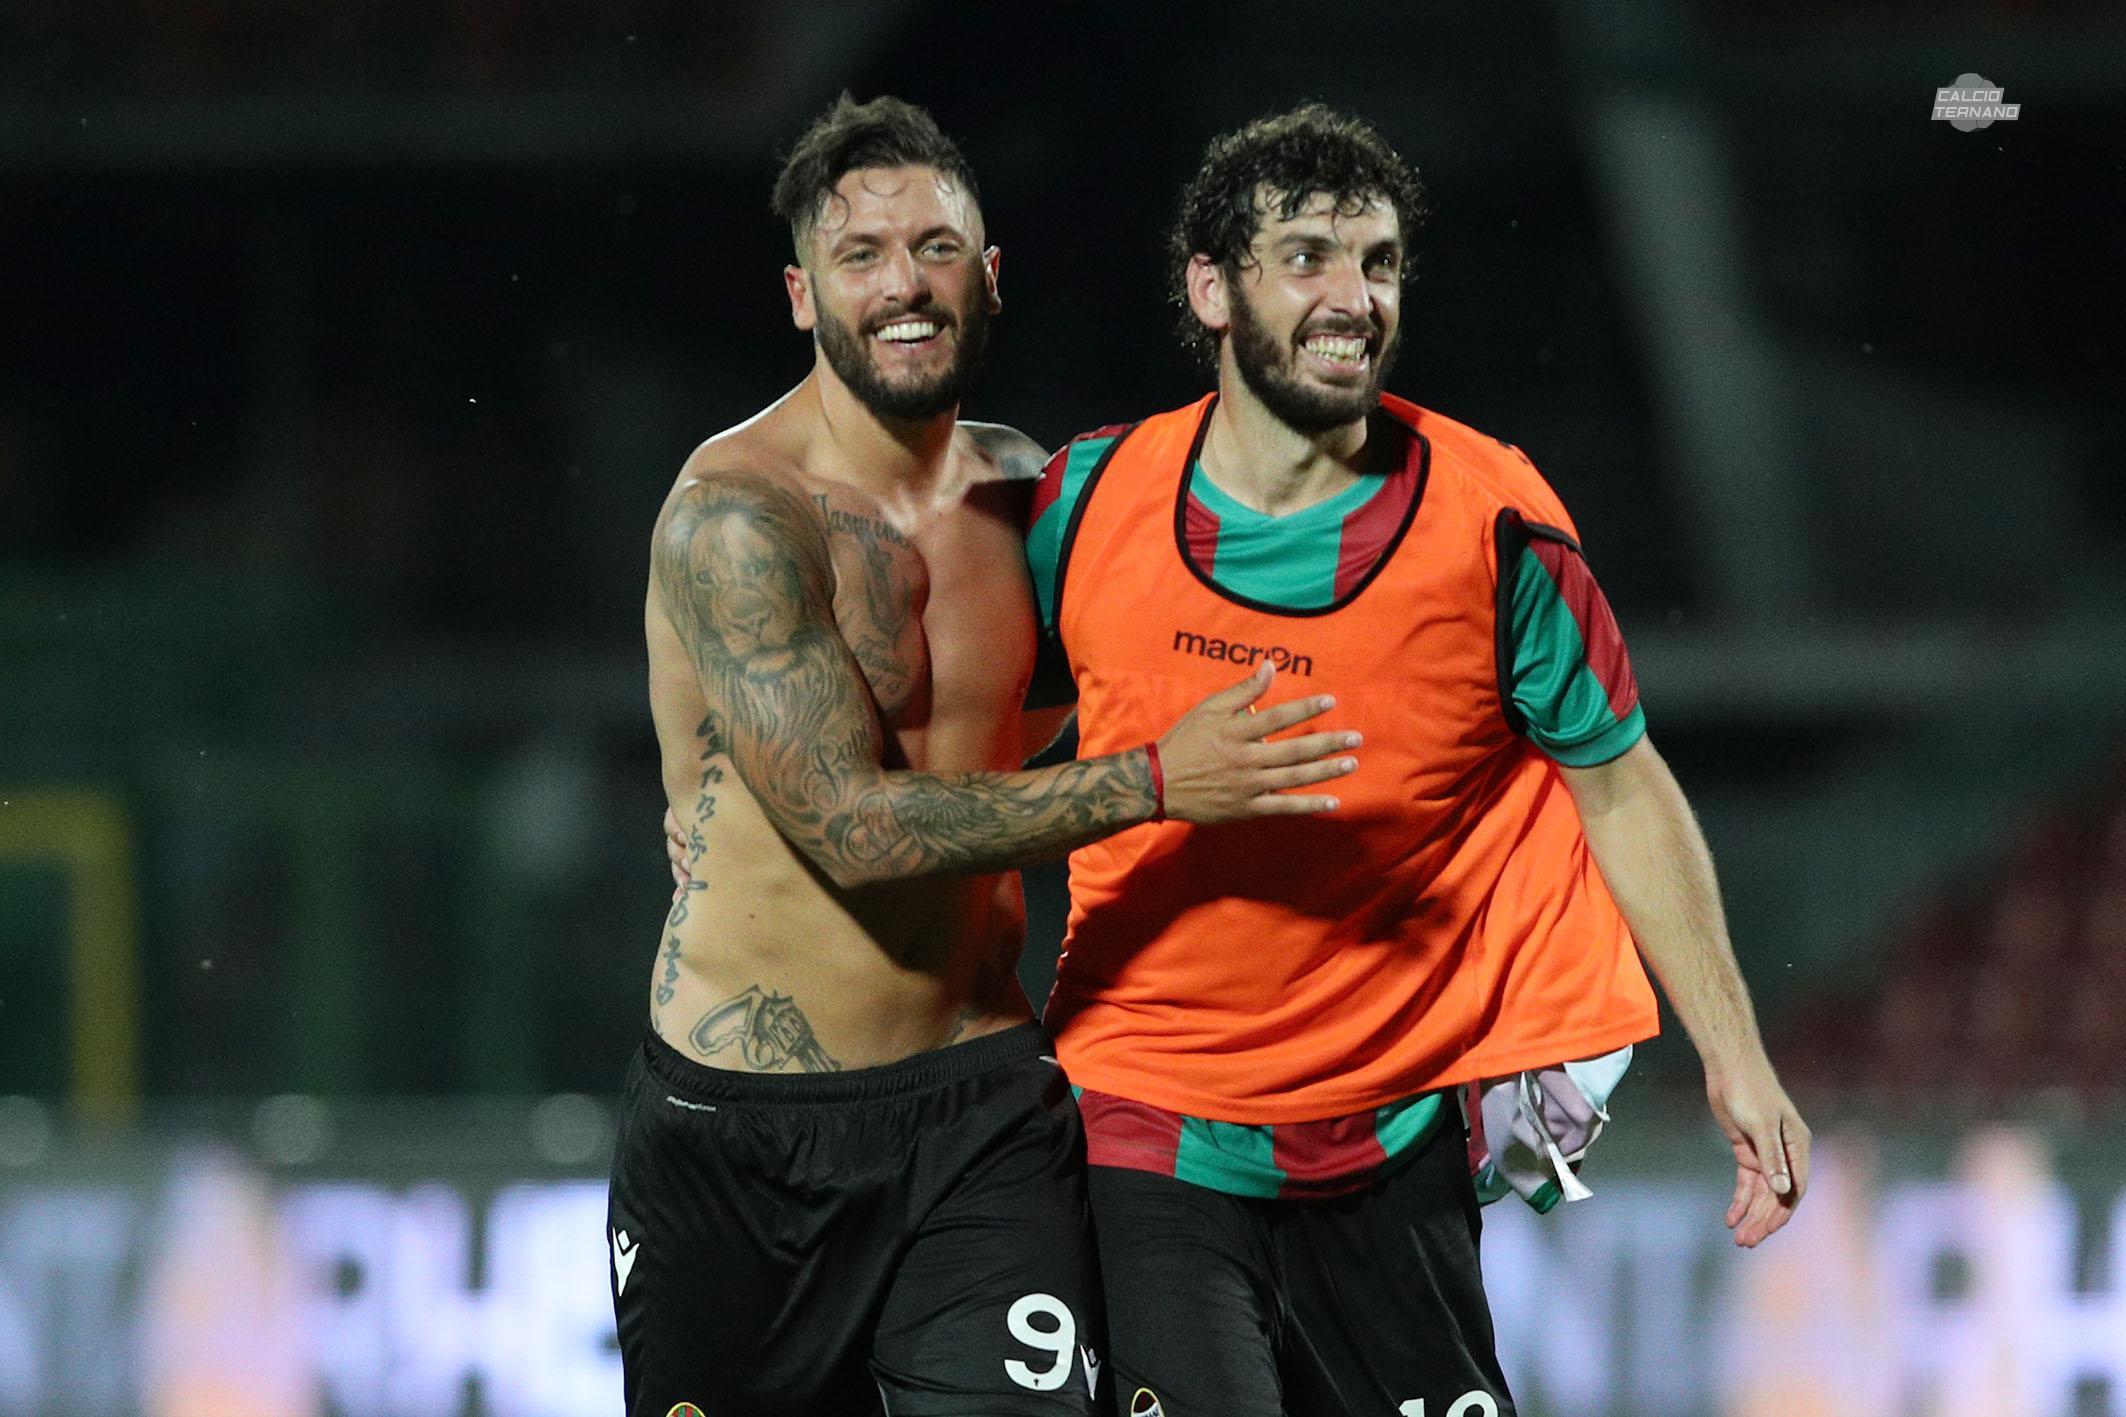 Ferrante e Marilungo Ternana